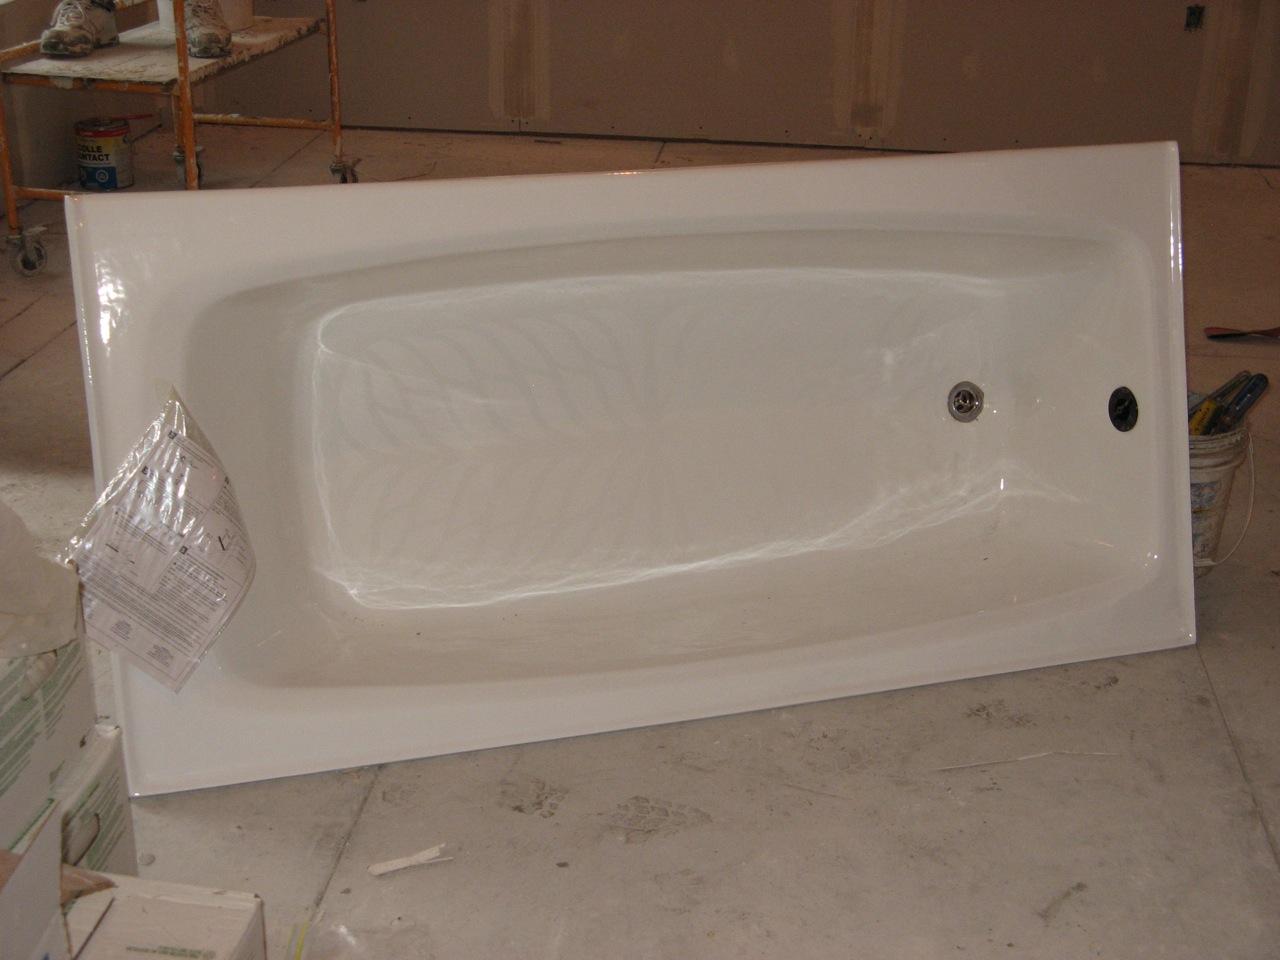 mariner dans une baignoire en fonte sant et science l. Black Bedroom Furniture Sets. Home Design Ideas